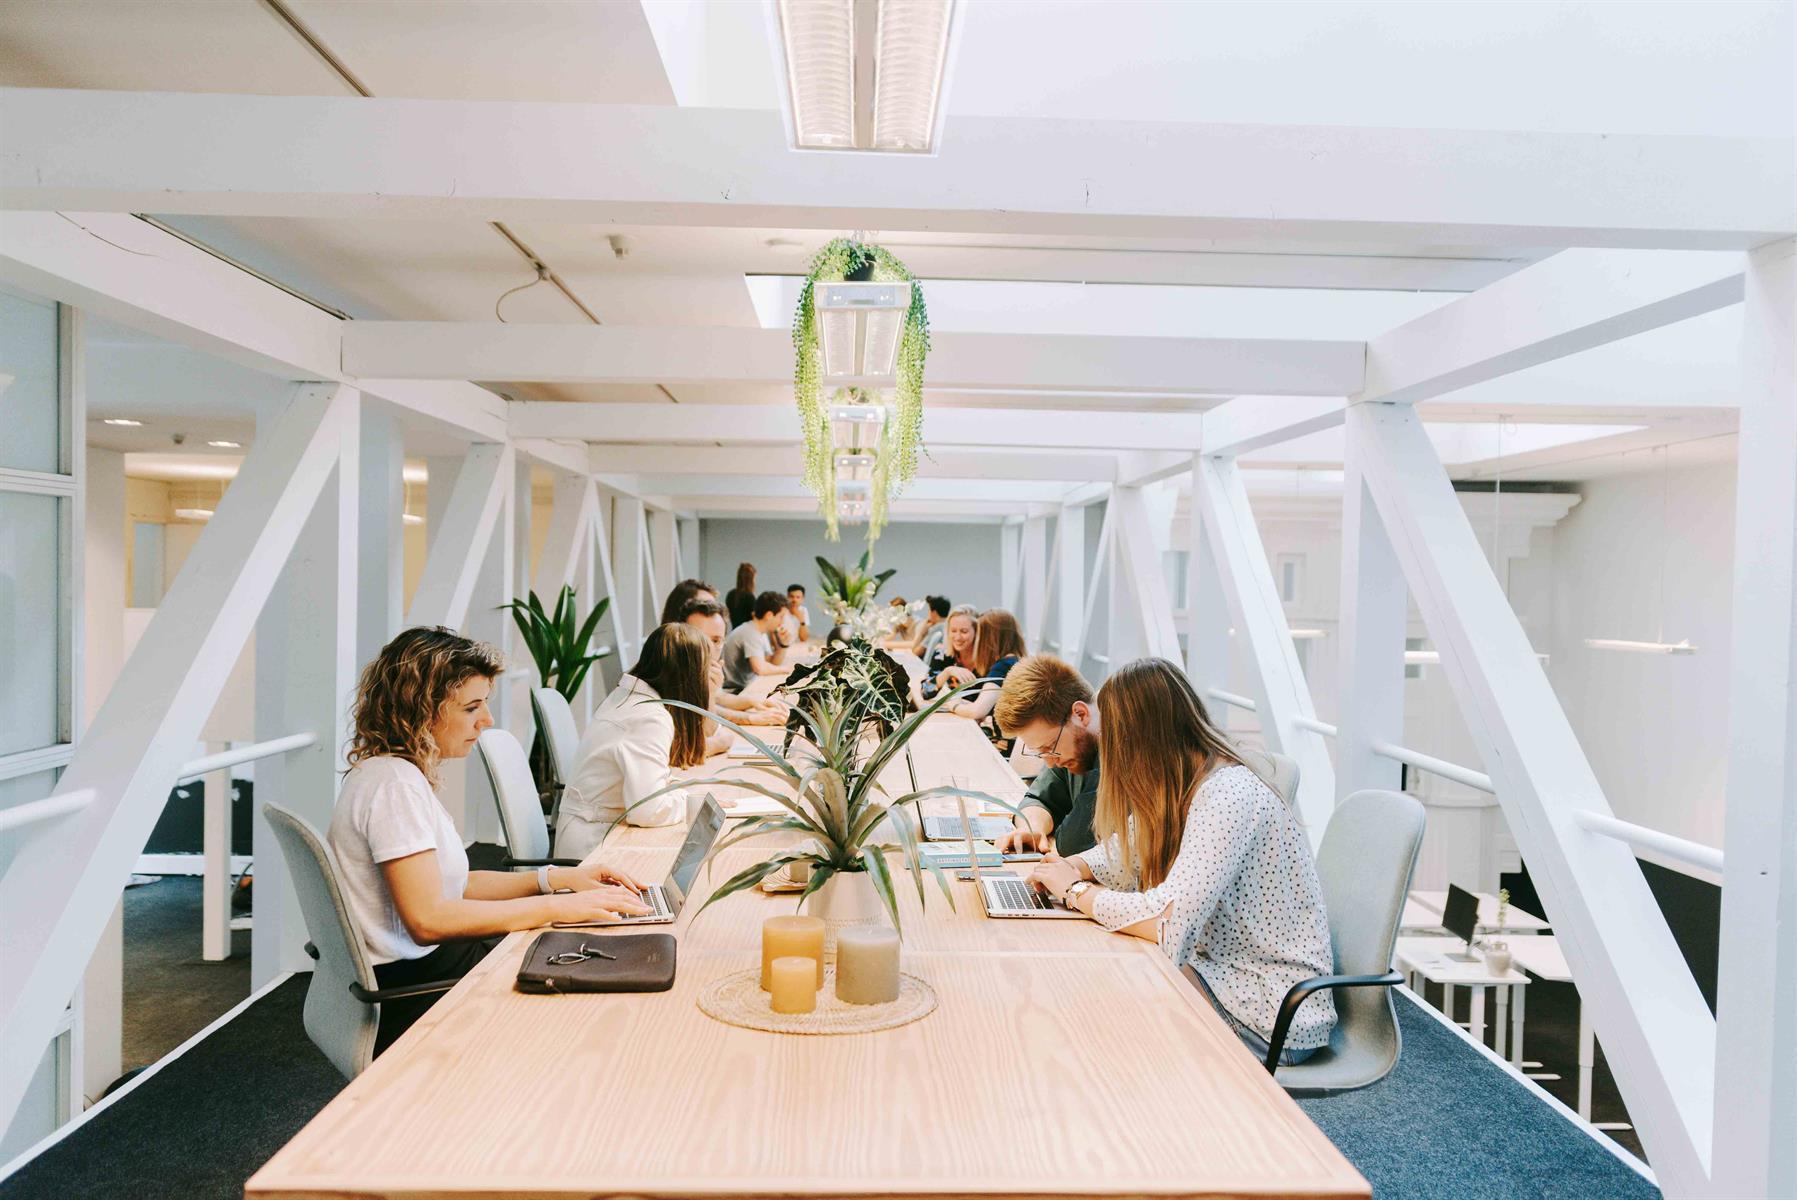 kantoor te huur Virtueel kantoor - IJzerenpoortkaai 3, 2000 Antwerpen, België 1